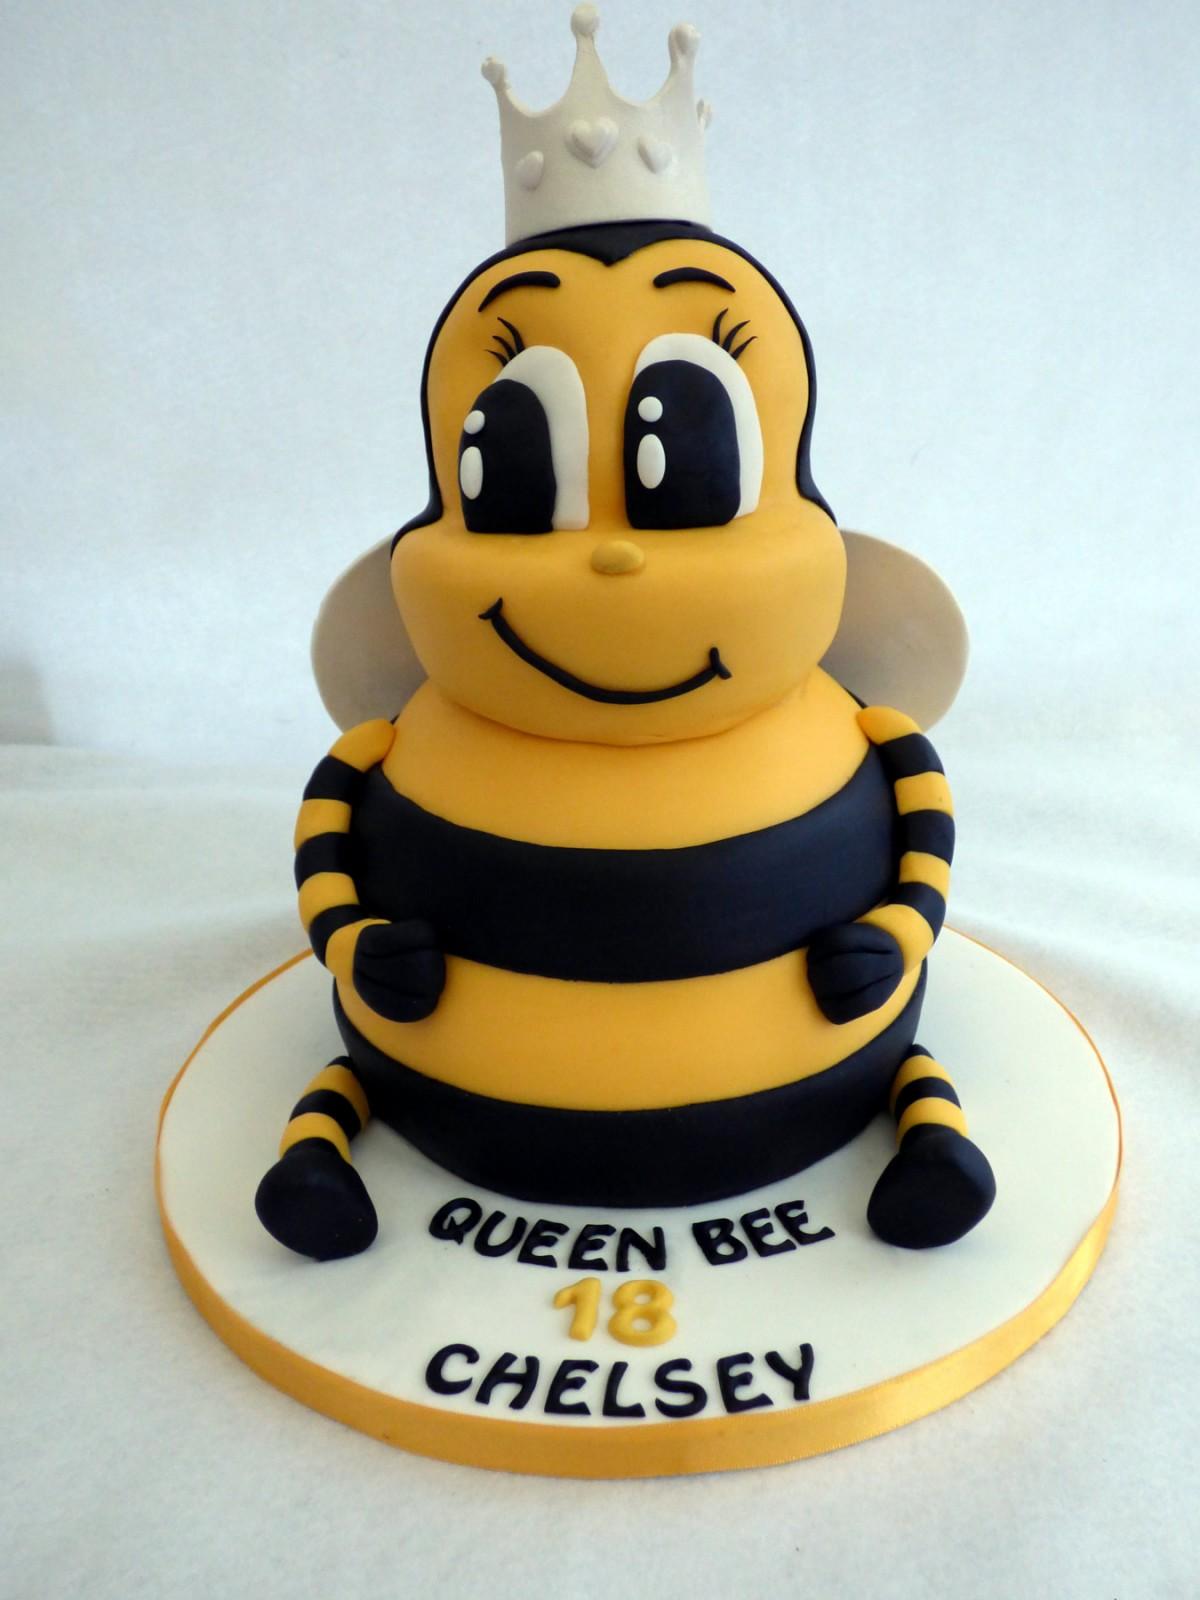 Queen Bee Novelty Birthday Cake